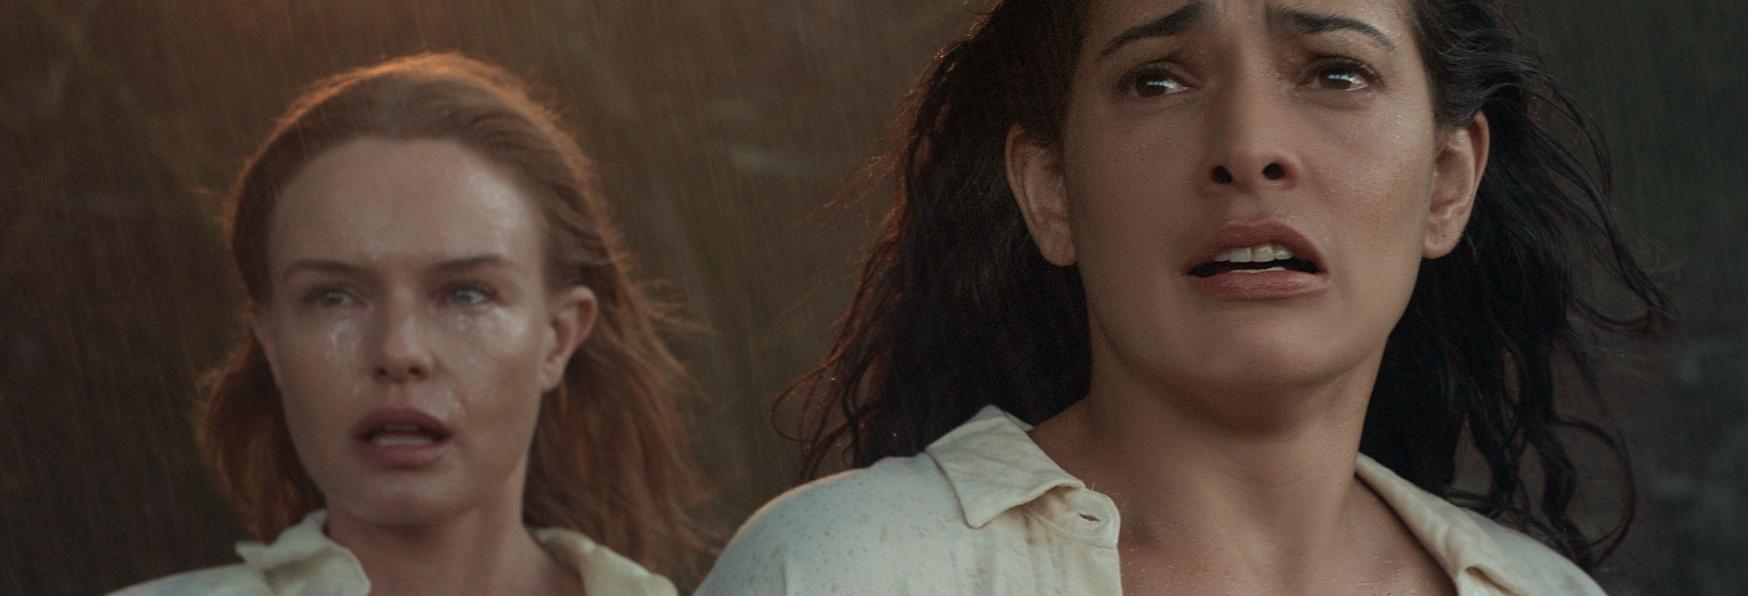 The I-Land: il Trailer della nuova Serie TV di Netflix che richiama Lost